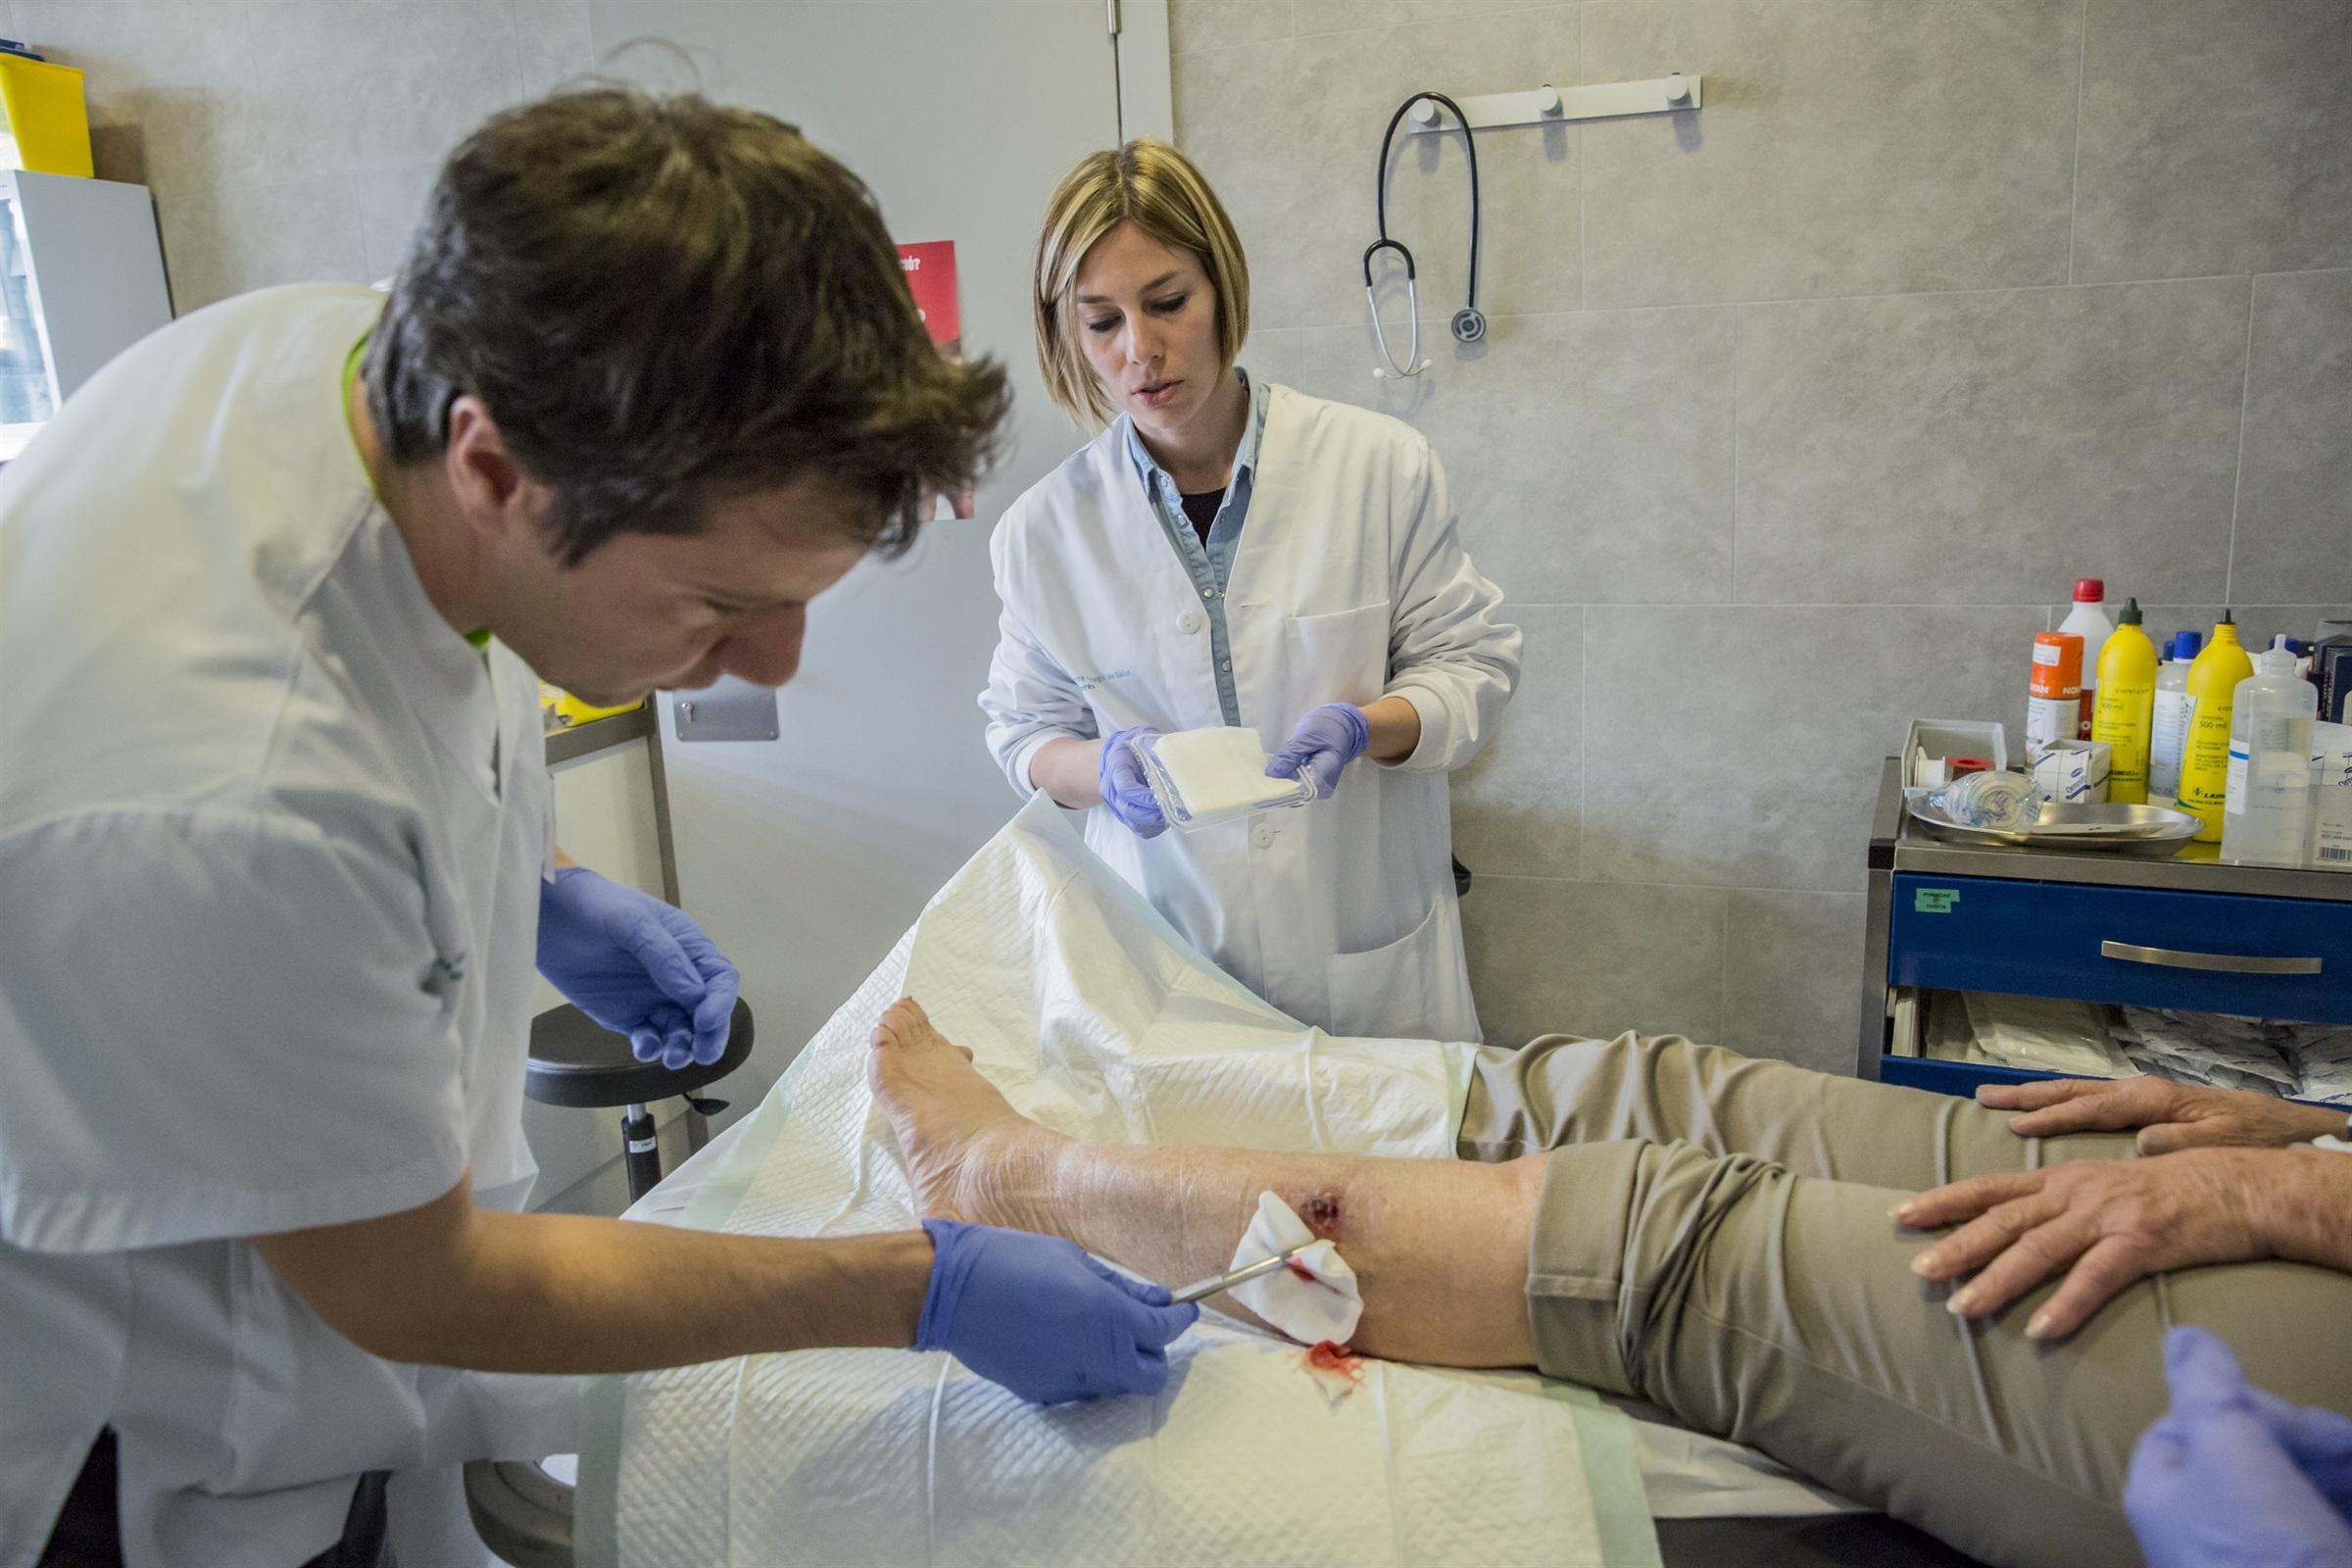 El COIB demana augmentar significativament el nombre d'infermeres a l'atenció primària